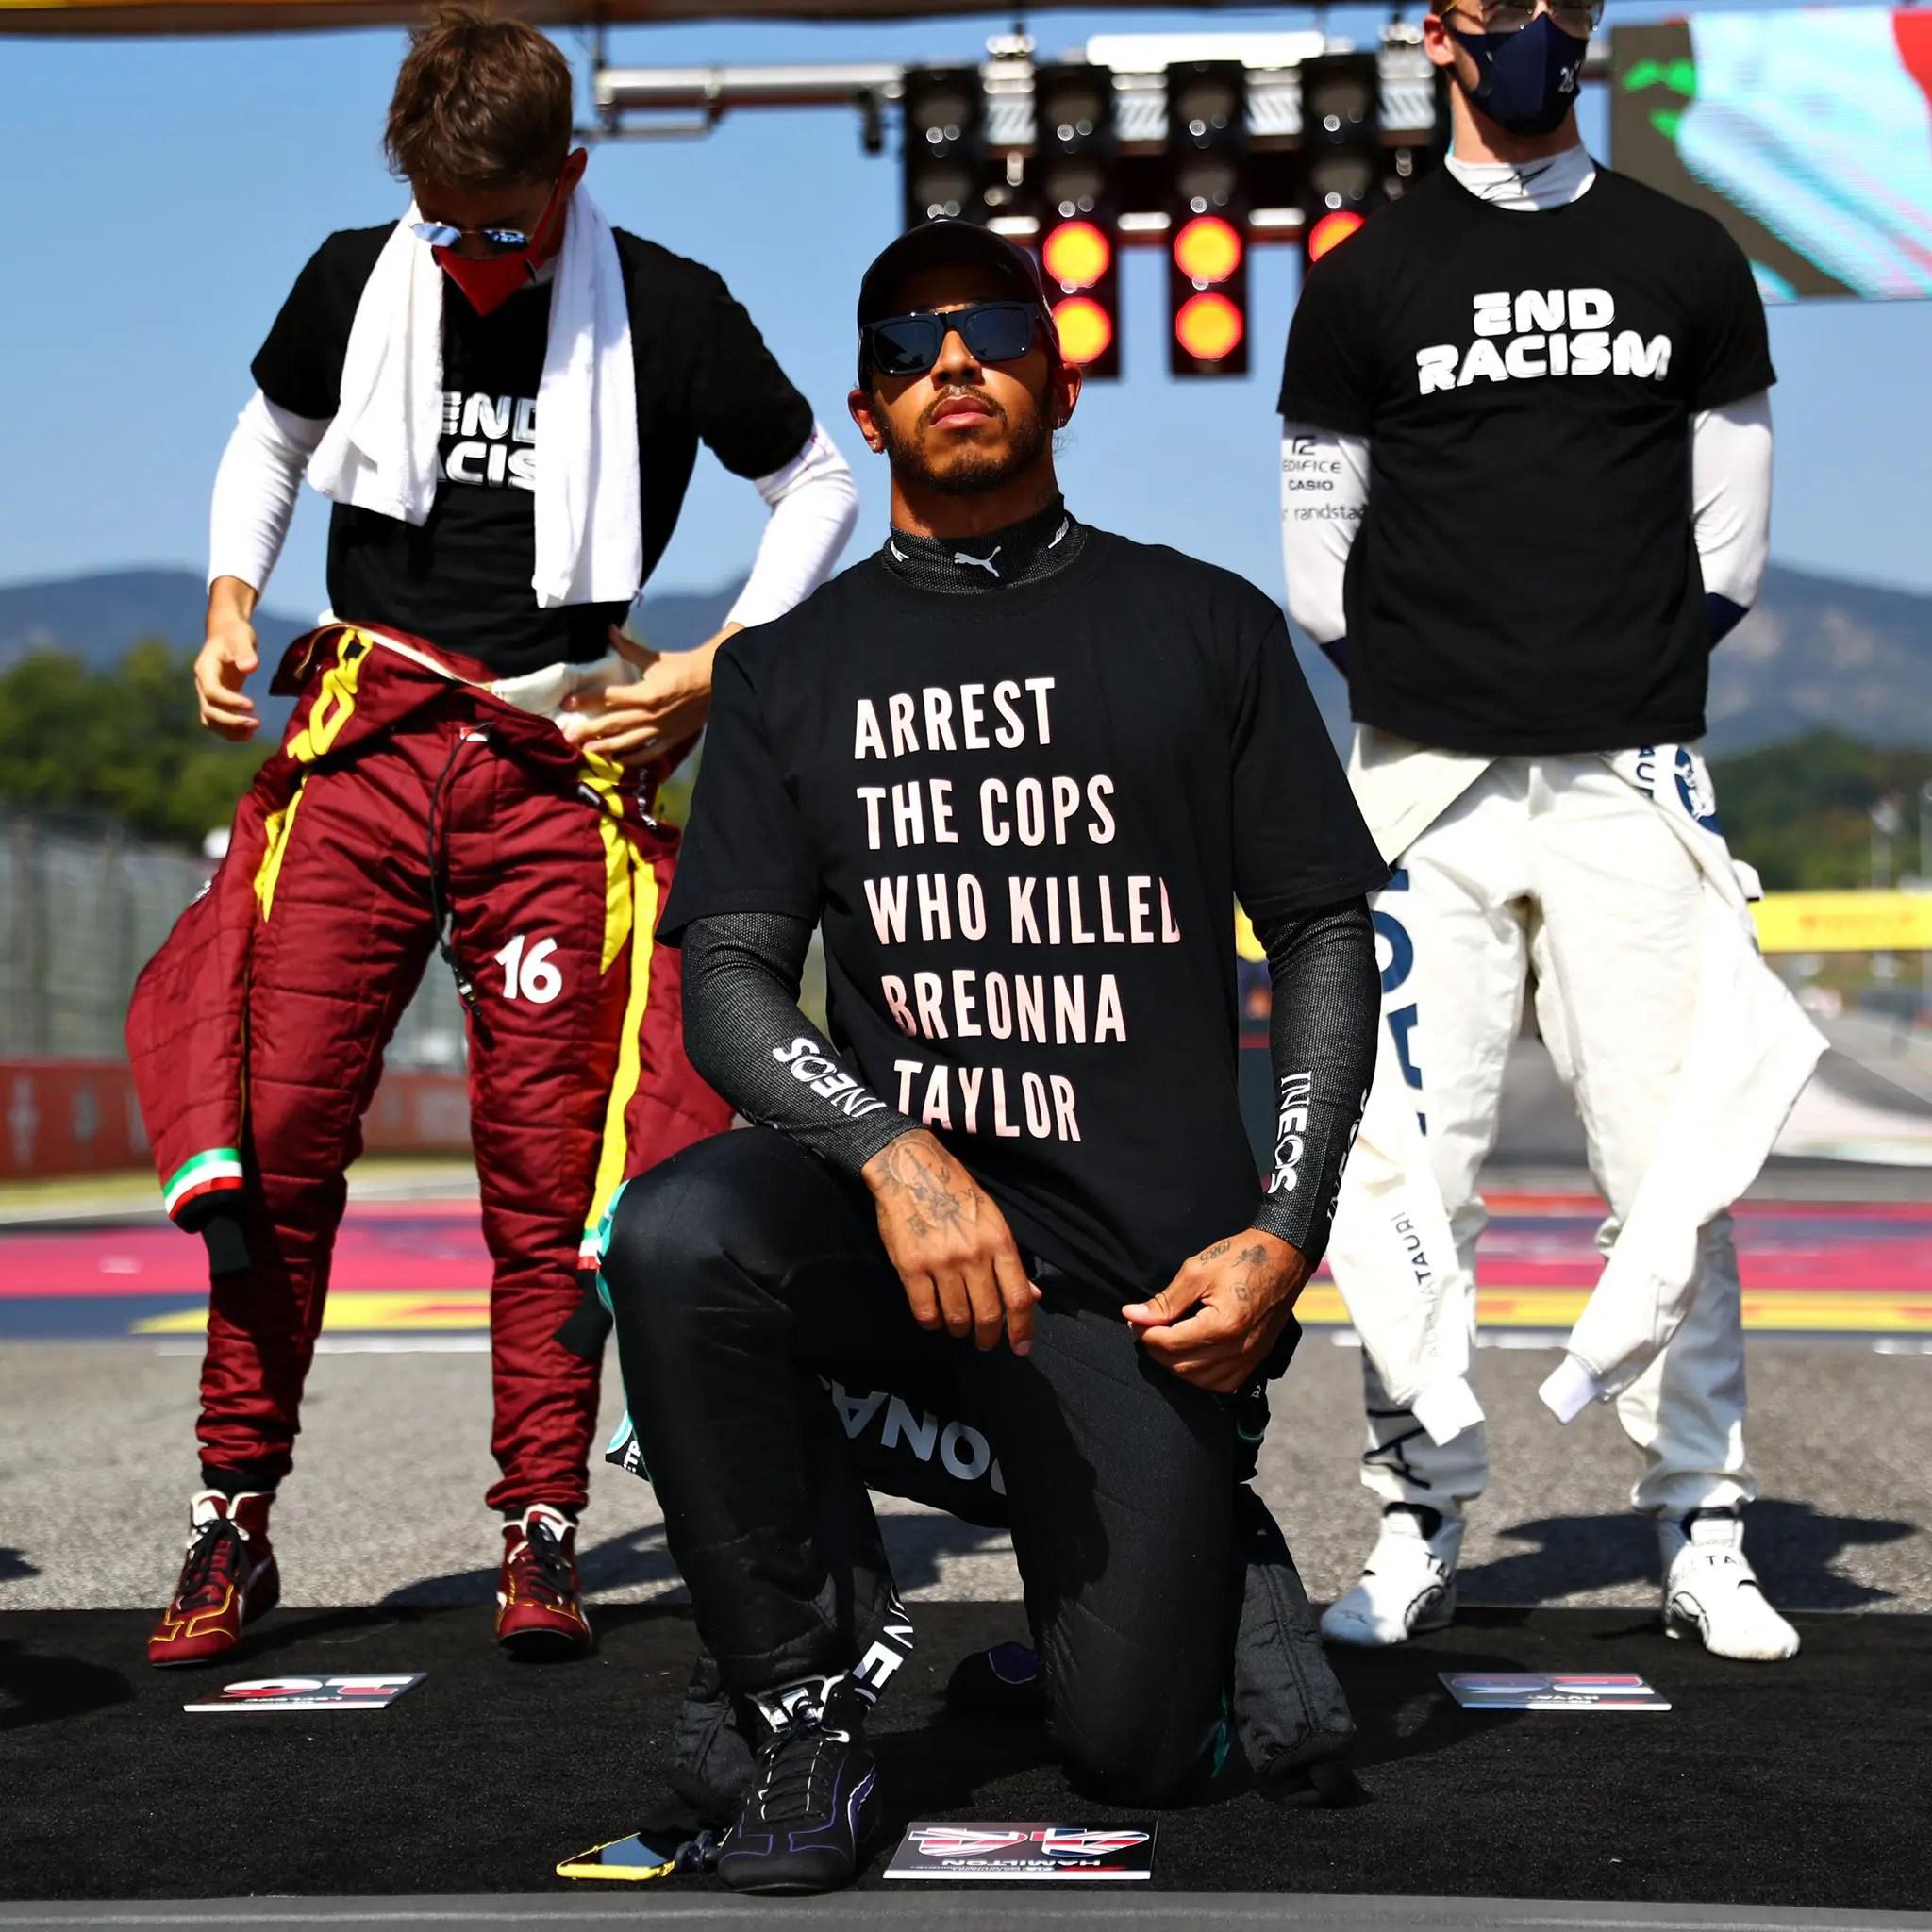 Hamilton annonce qu'il poursuivra son combat contre les injustices